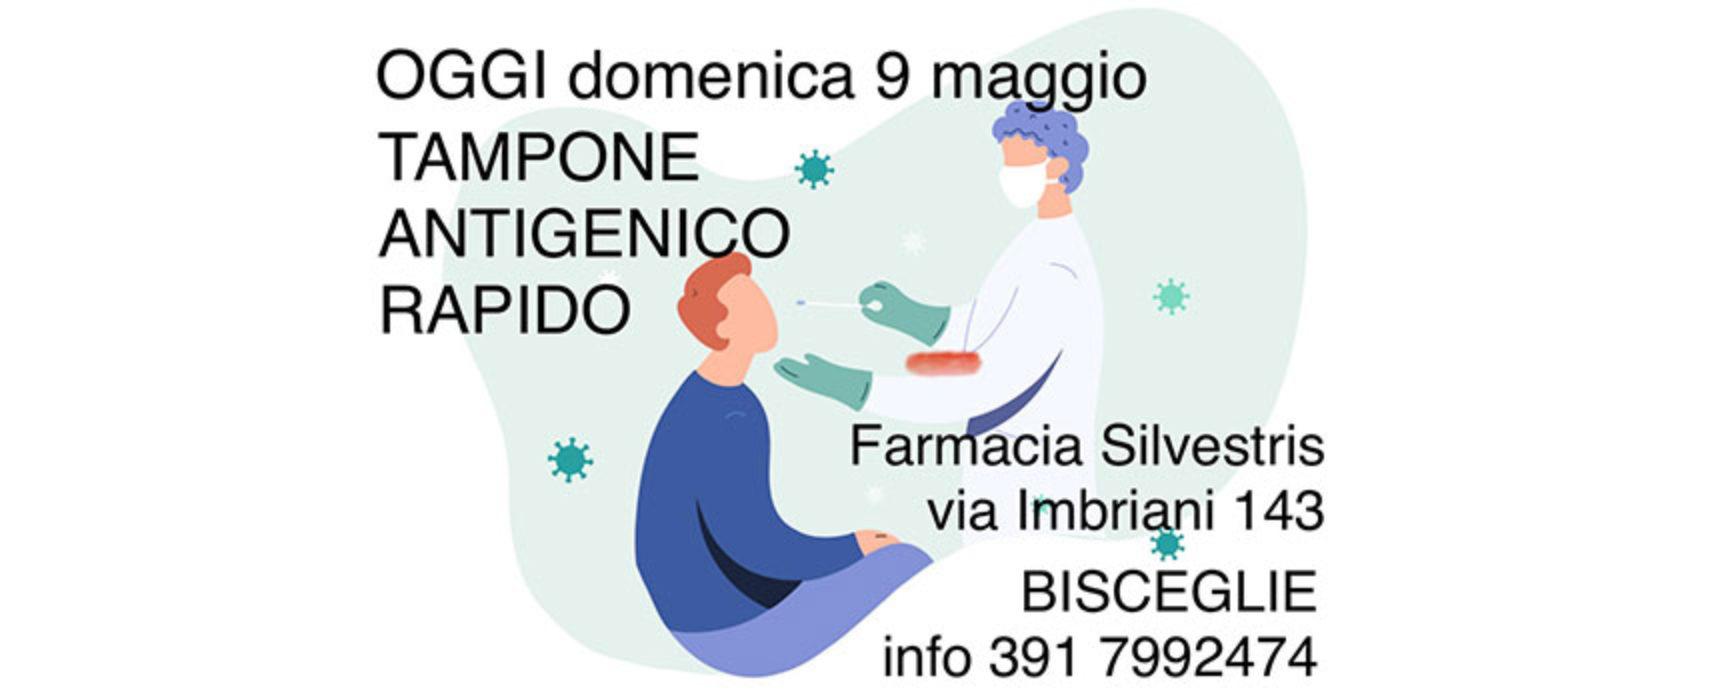 Farmacia Silvestris, nuova giornata per effettuare tampone antigenico rapido